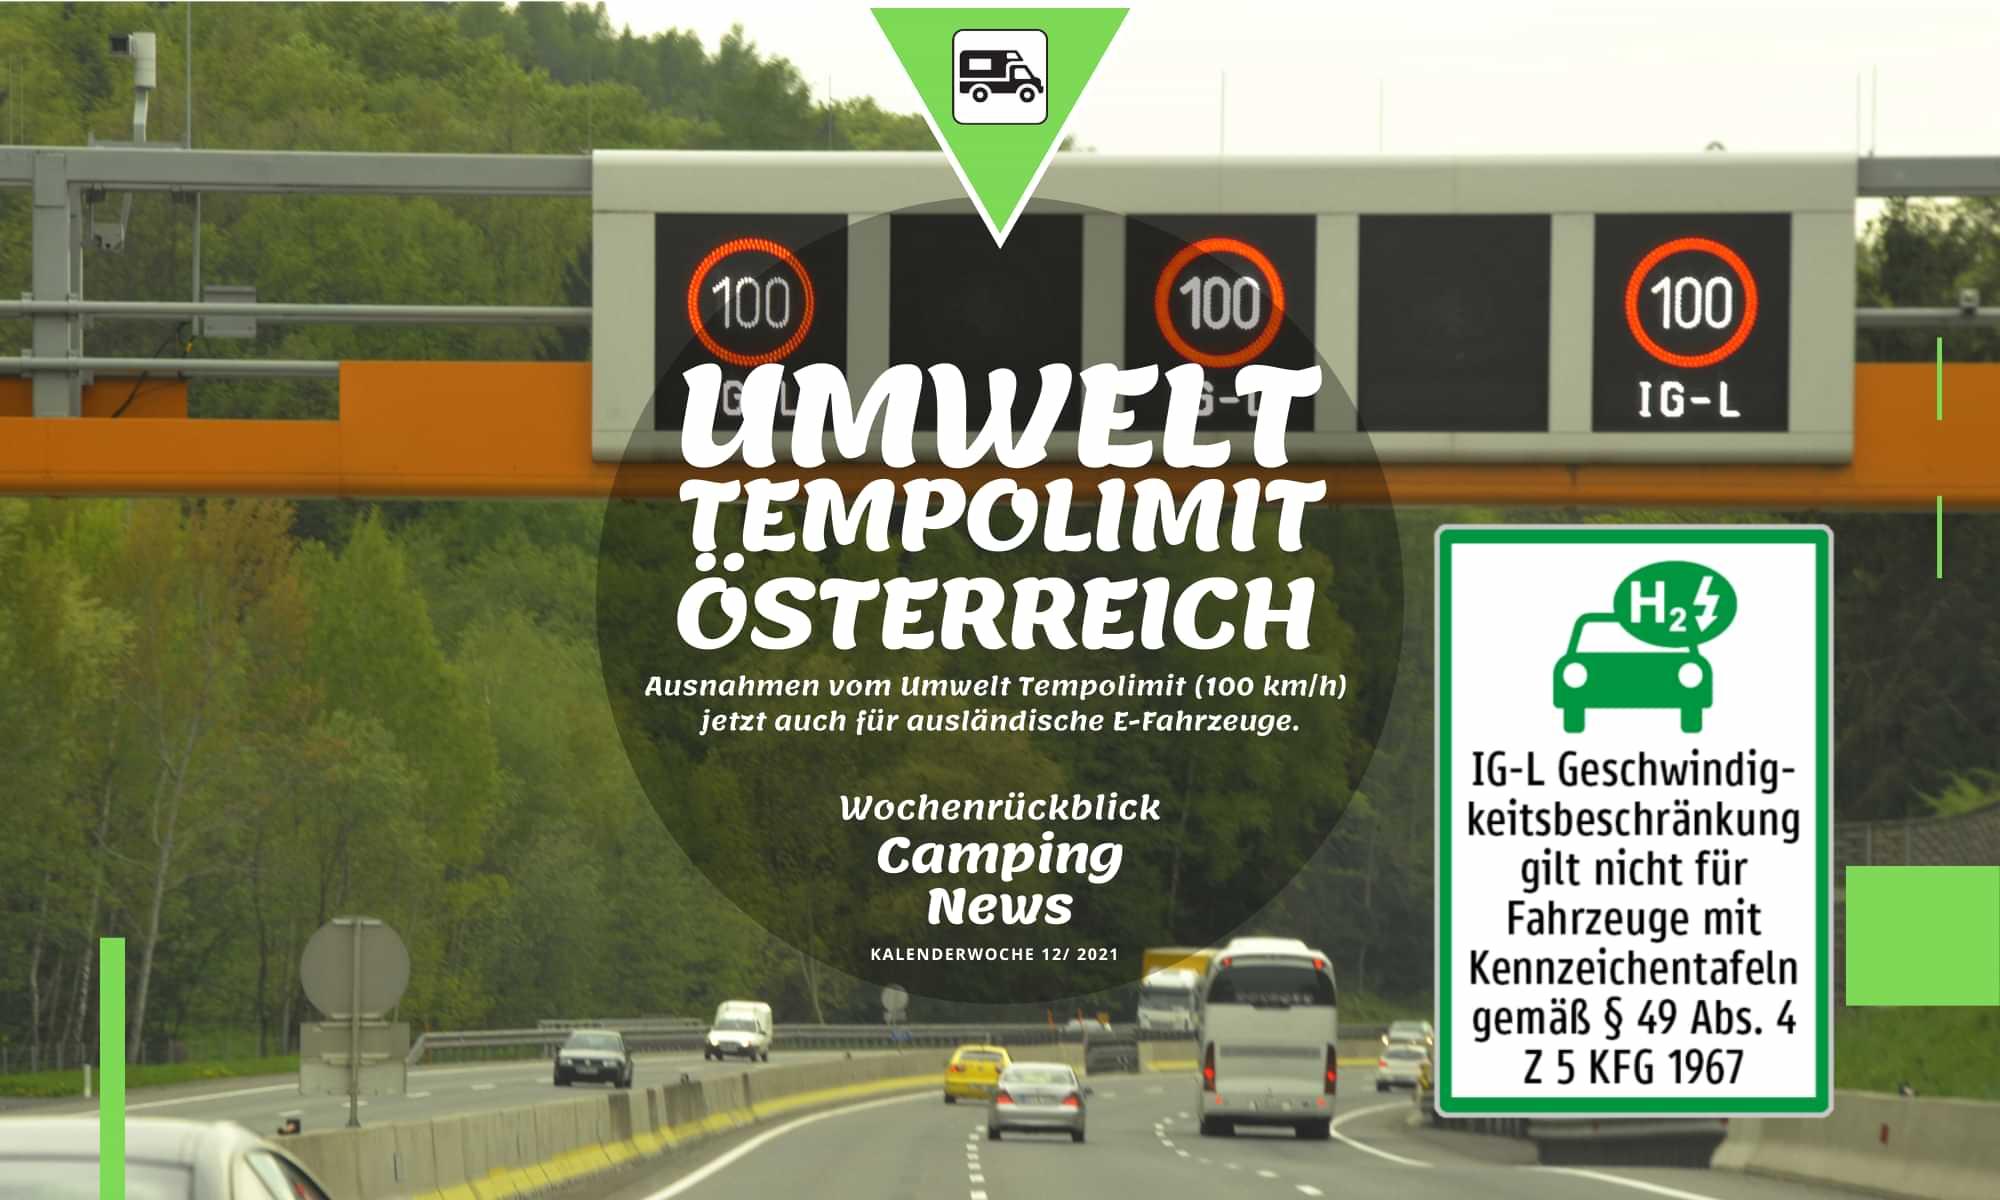 Umwelt Tempolimit Österreich für deutsche E-Fahrzeuge